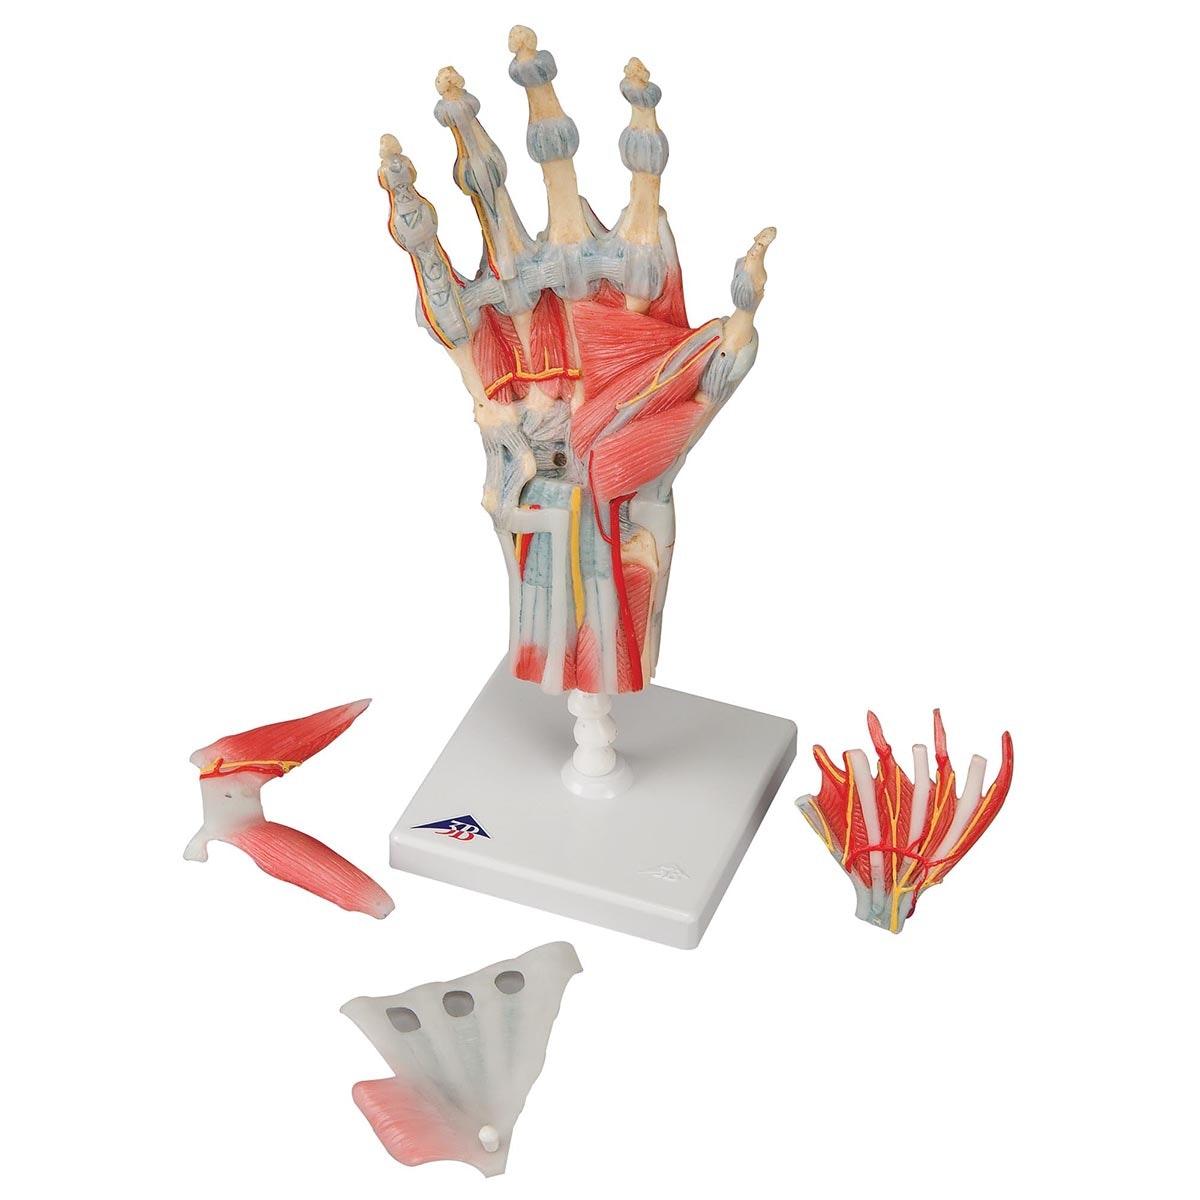 Håndmodel med ligamenter og muskler